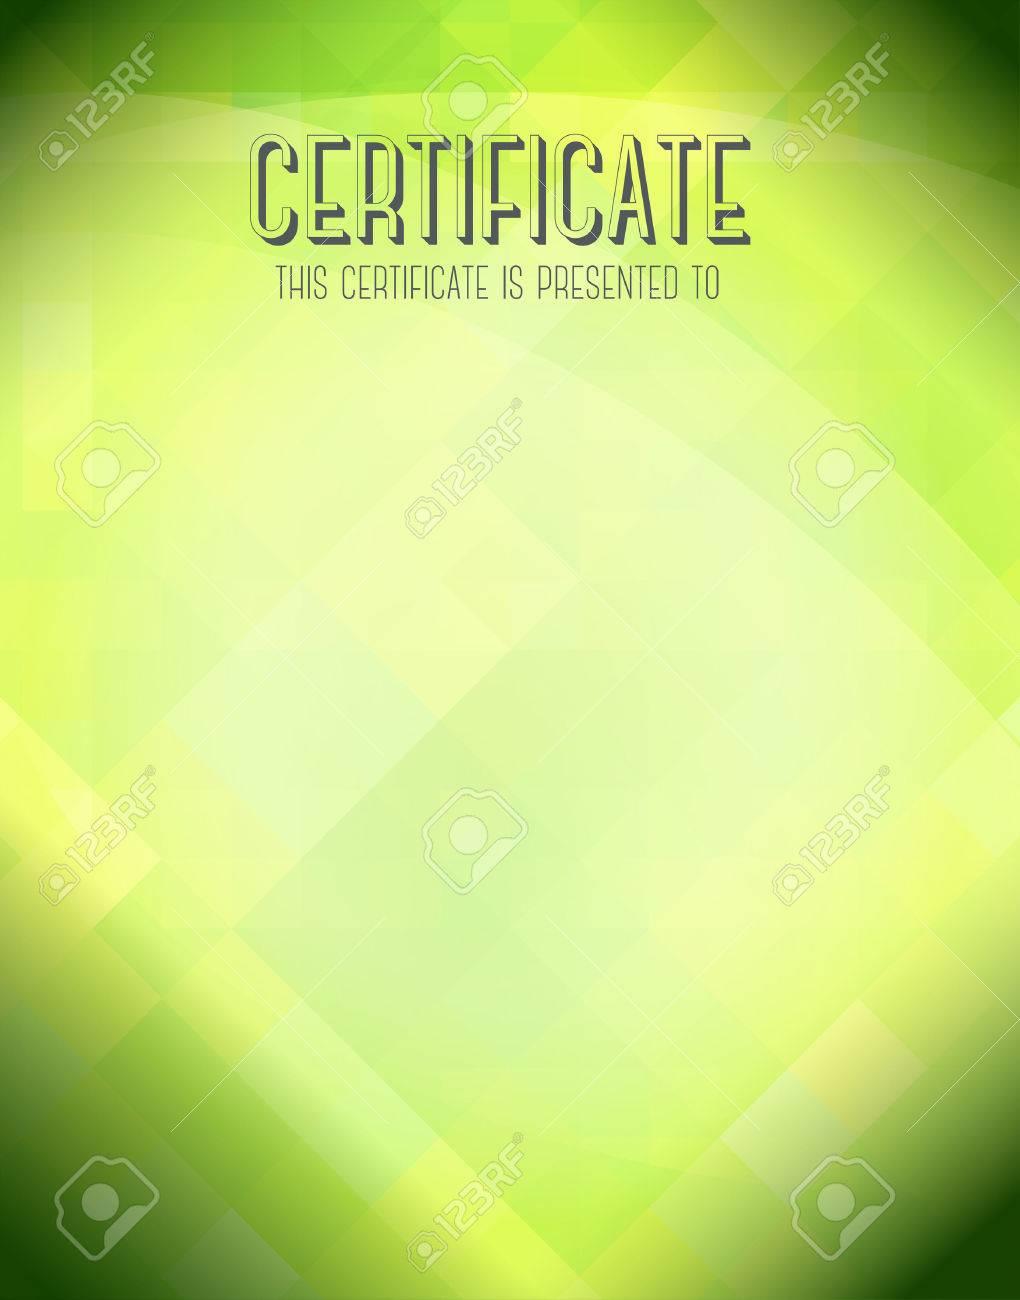 Zertifikat-Vorlage Mit Grünem Hintergrund. Lizenzfreie Fotos, Bilder ...